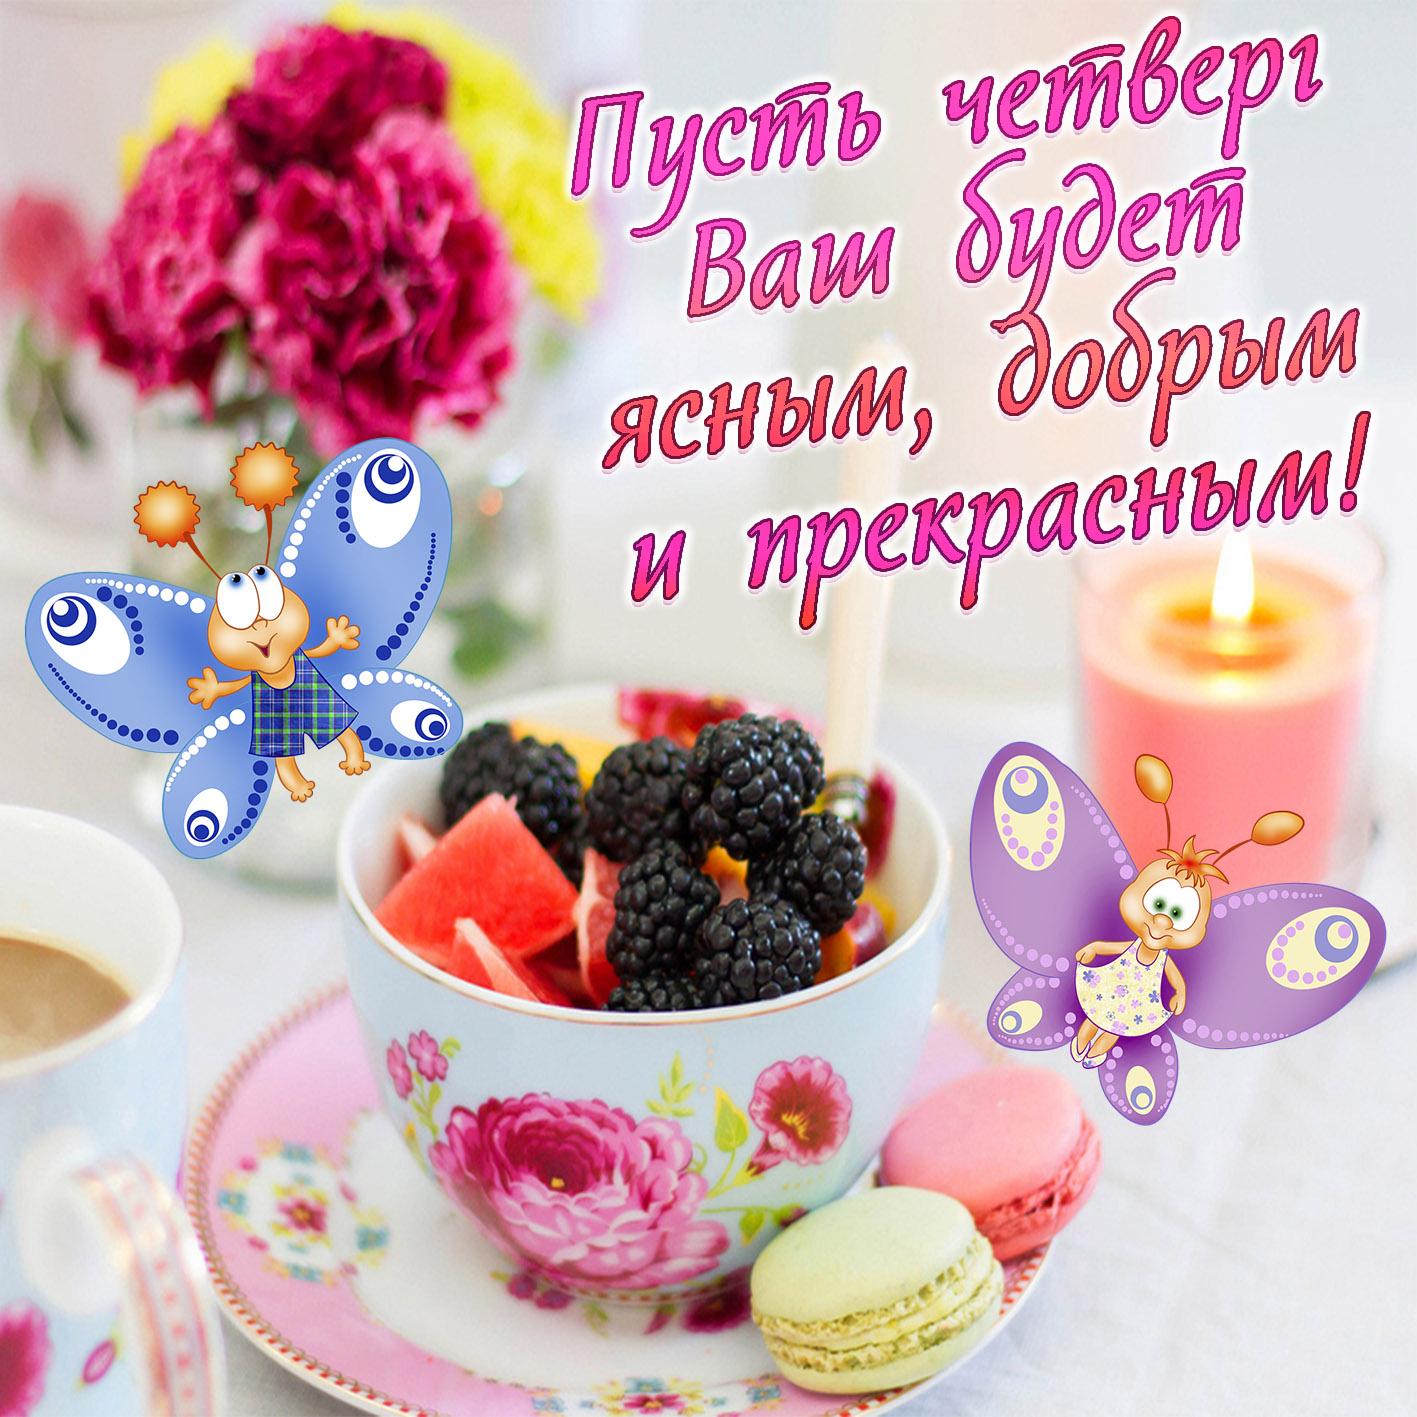 Открытки с хорошим днем и отличным настроением прикольные с открытки фруктами, открытка днем рождения